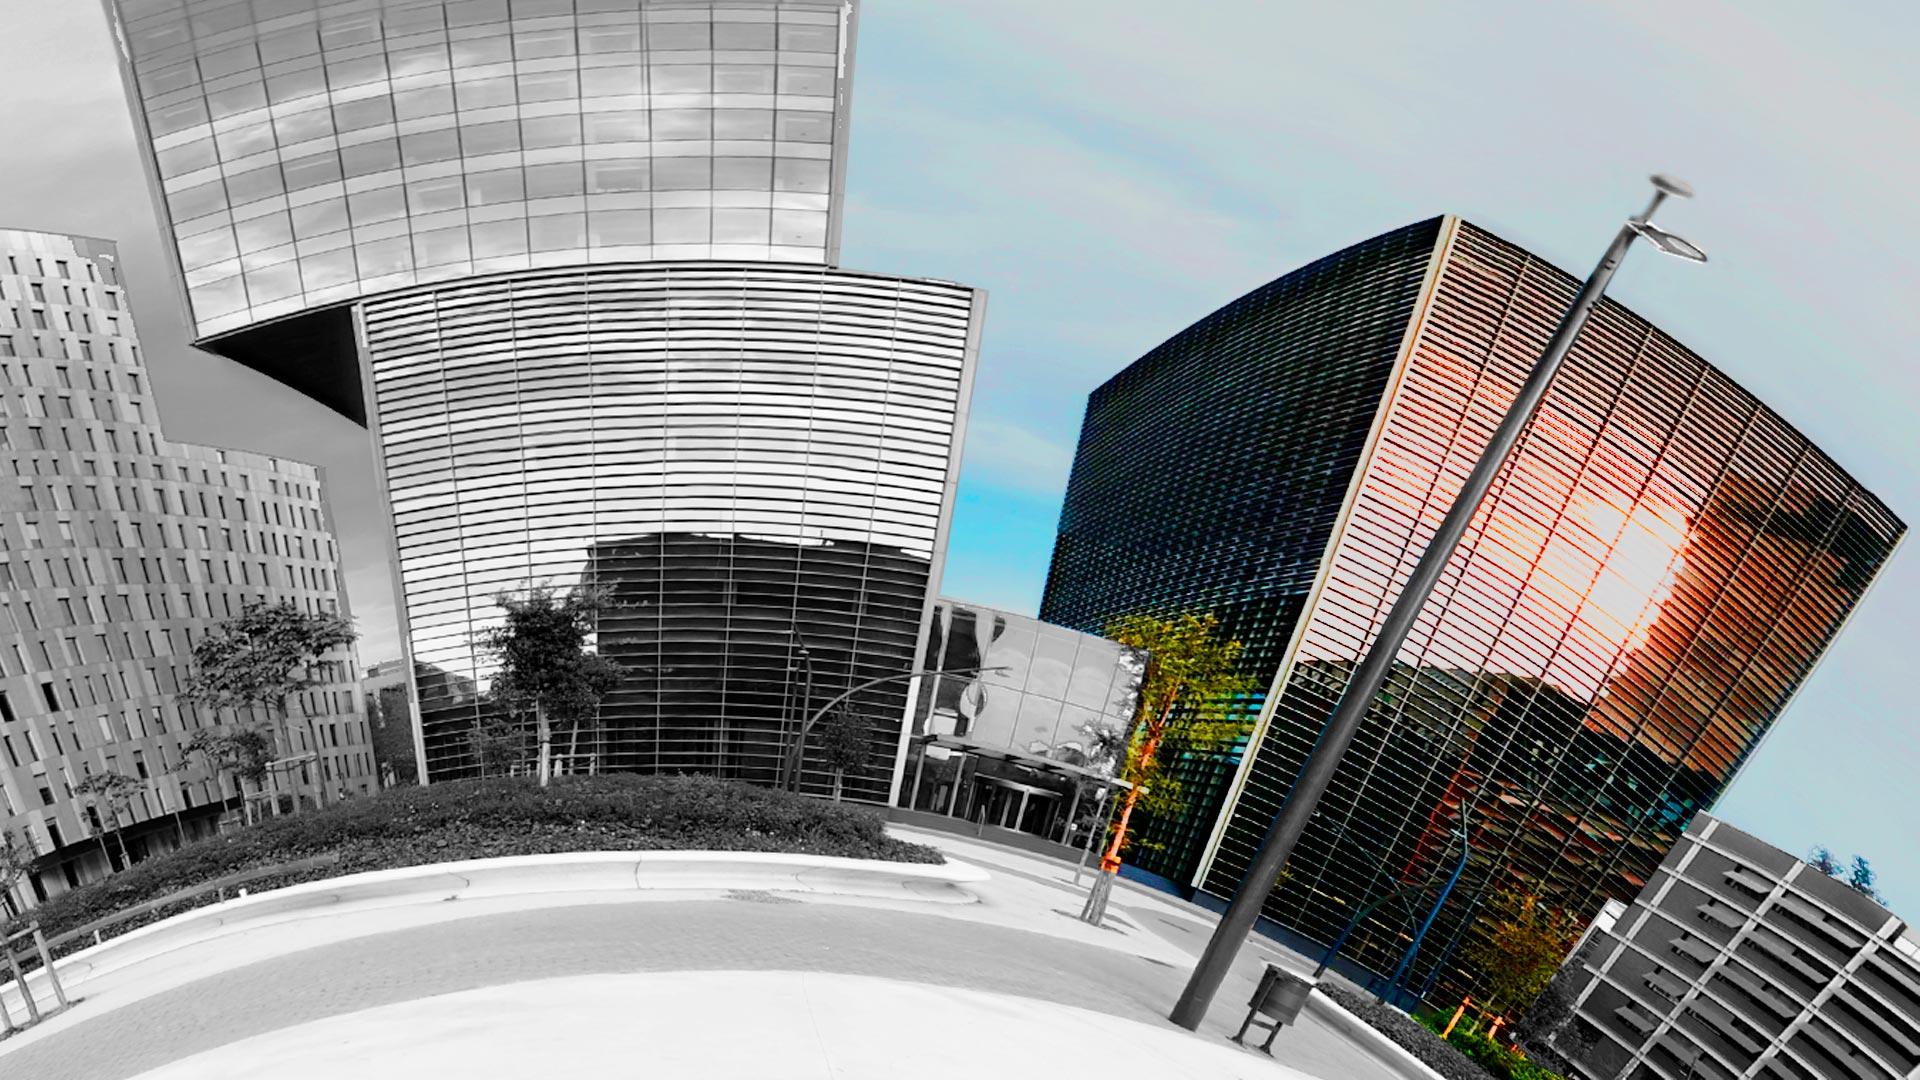 IMÁGENES 360 GRATIS | Vídeos y Fotos 360º - Descargas 360 . com